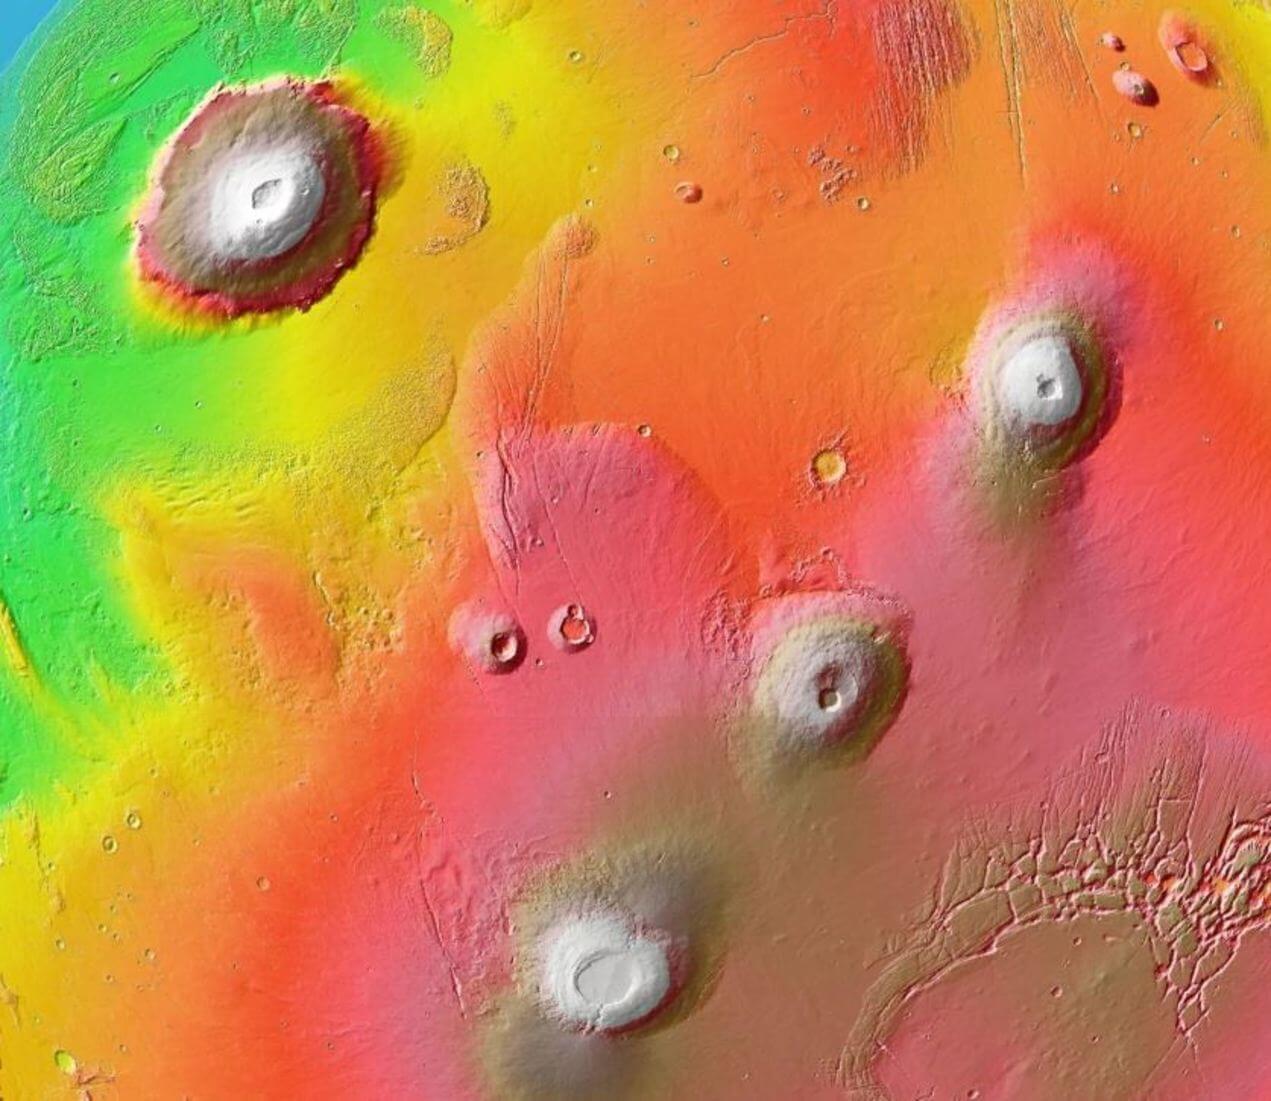 Молодые вулканы Марса могли поддерживать жизнь (4 фото)